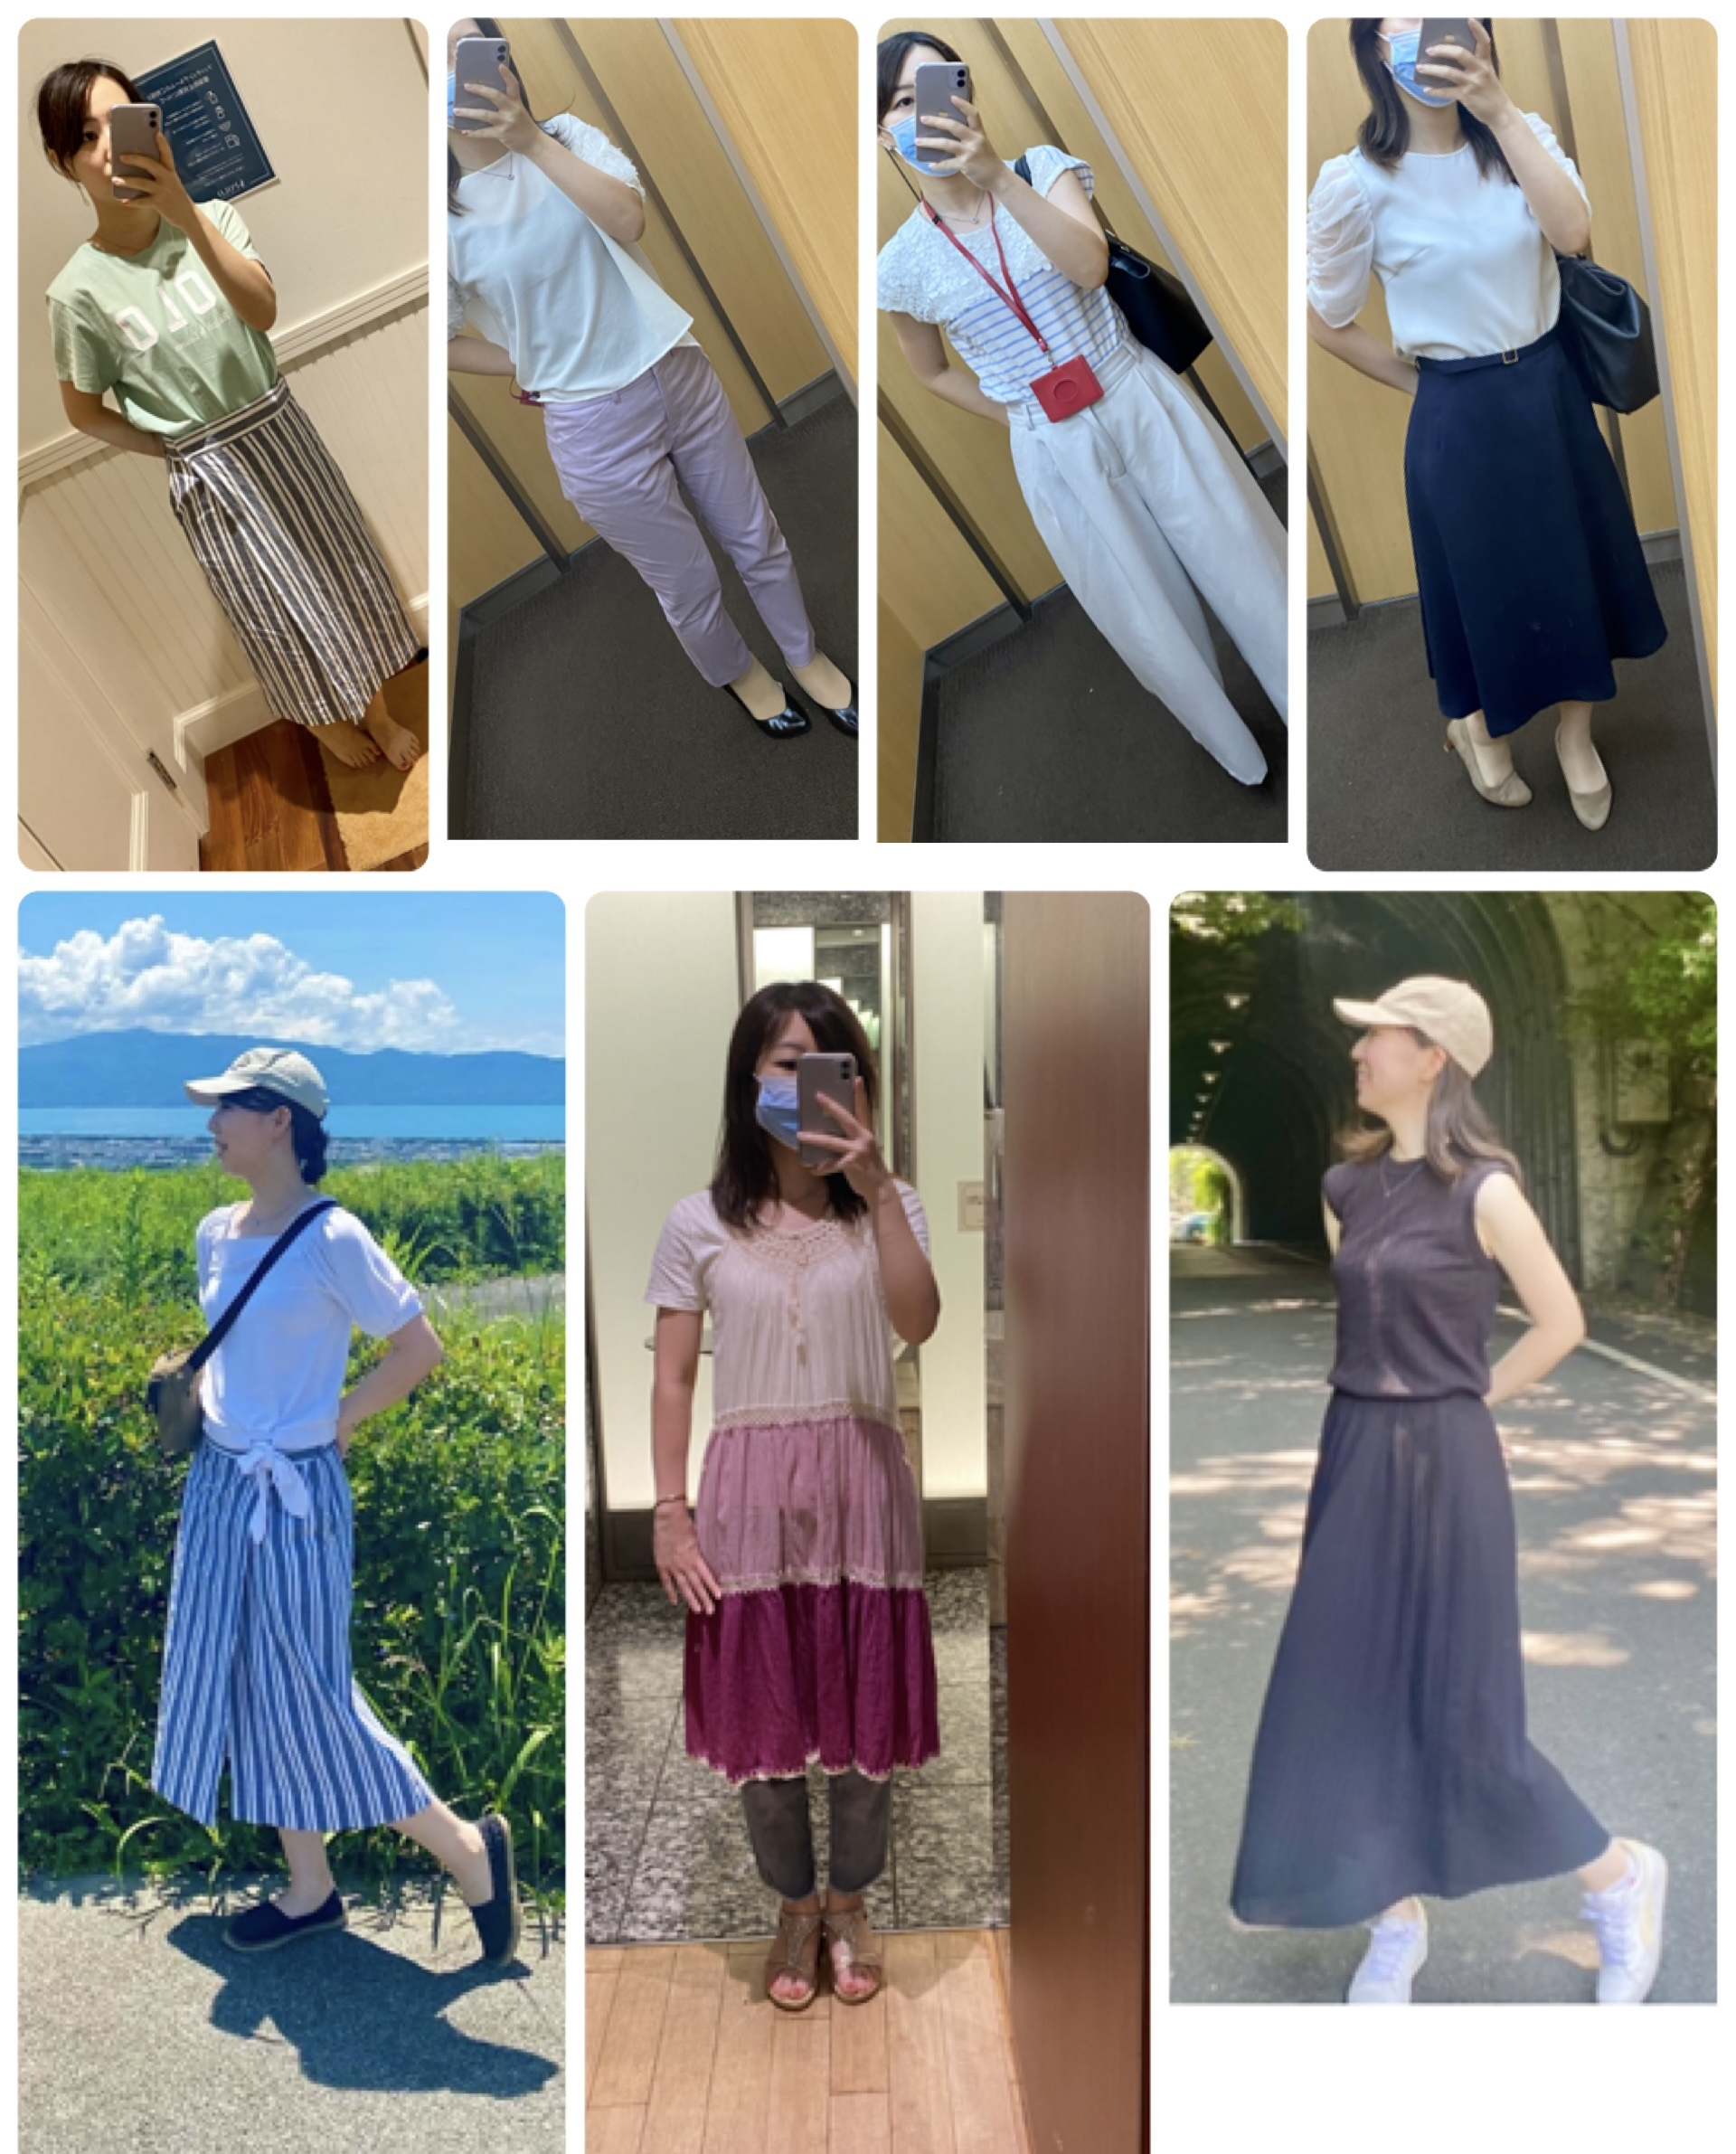 【ファッション】ここ最近の1週間コーデ纏めてみました_1